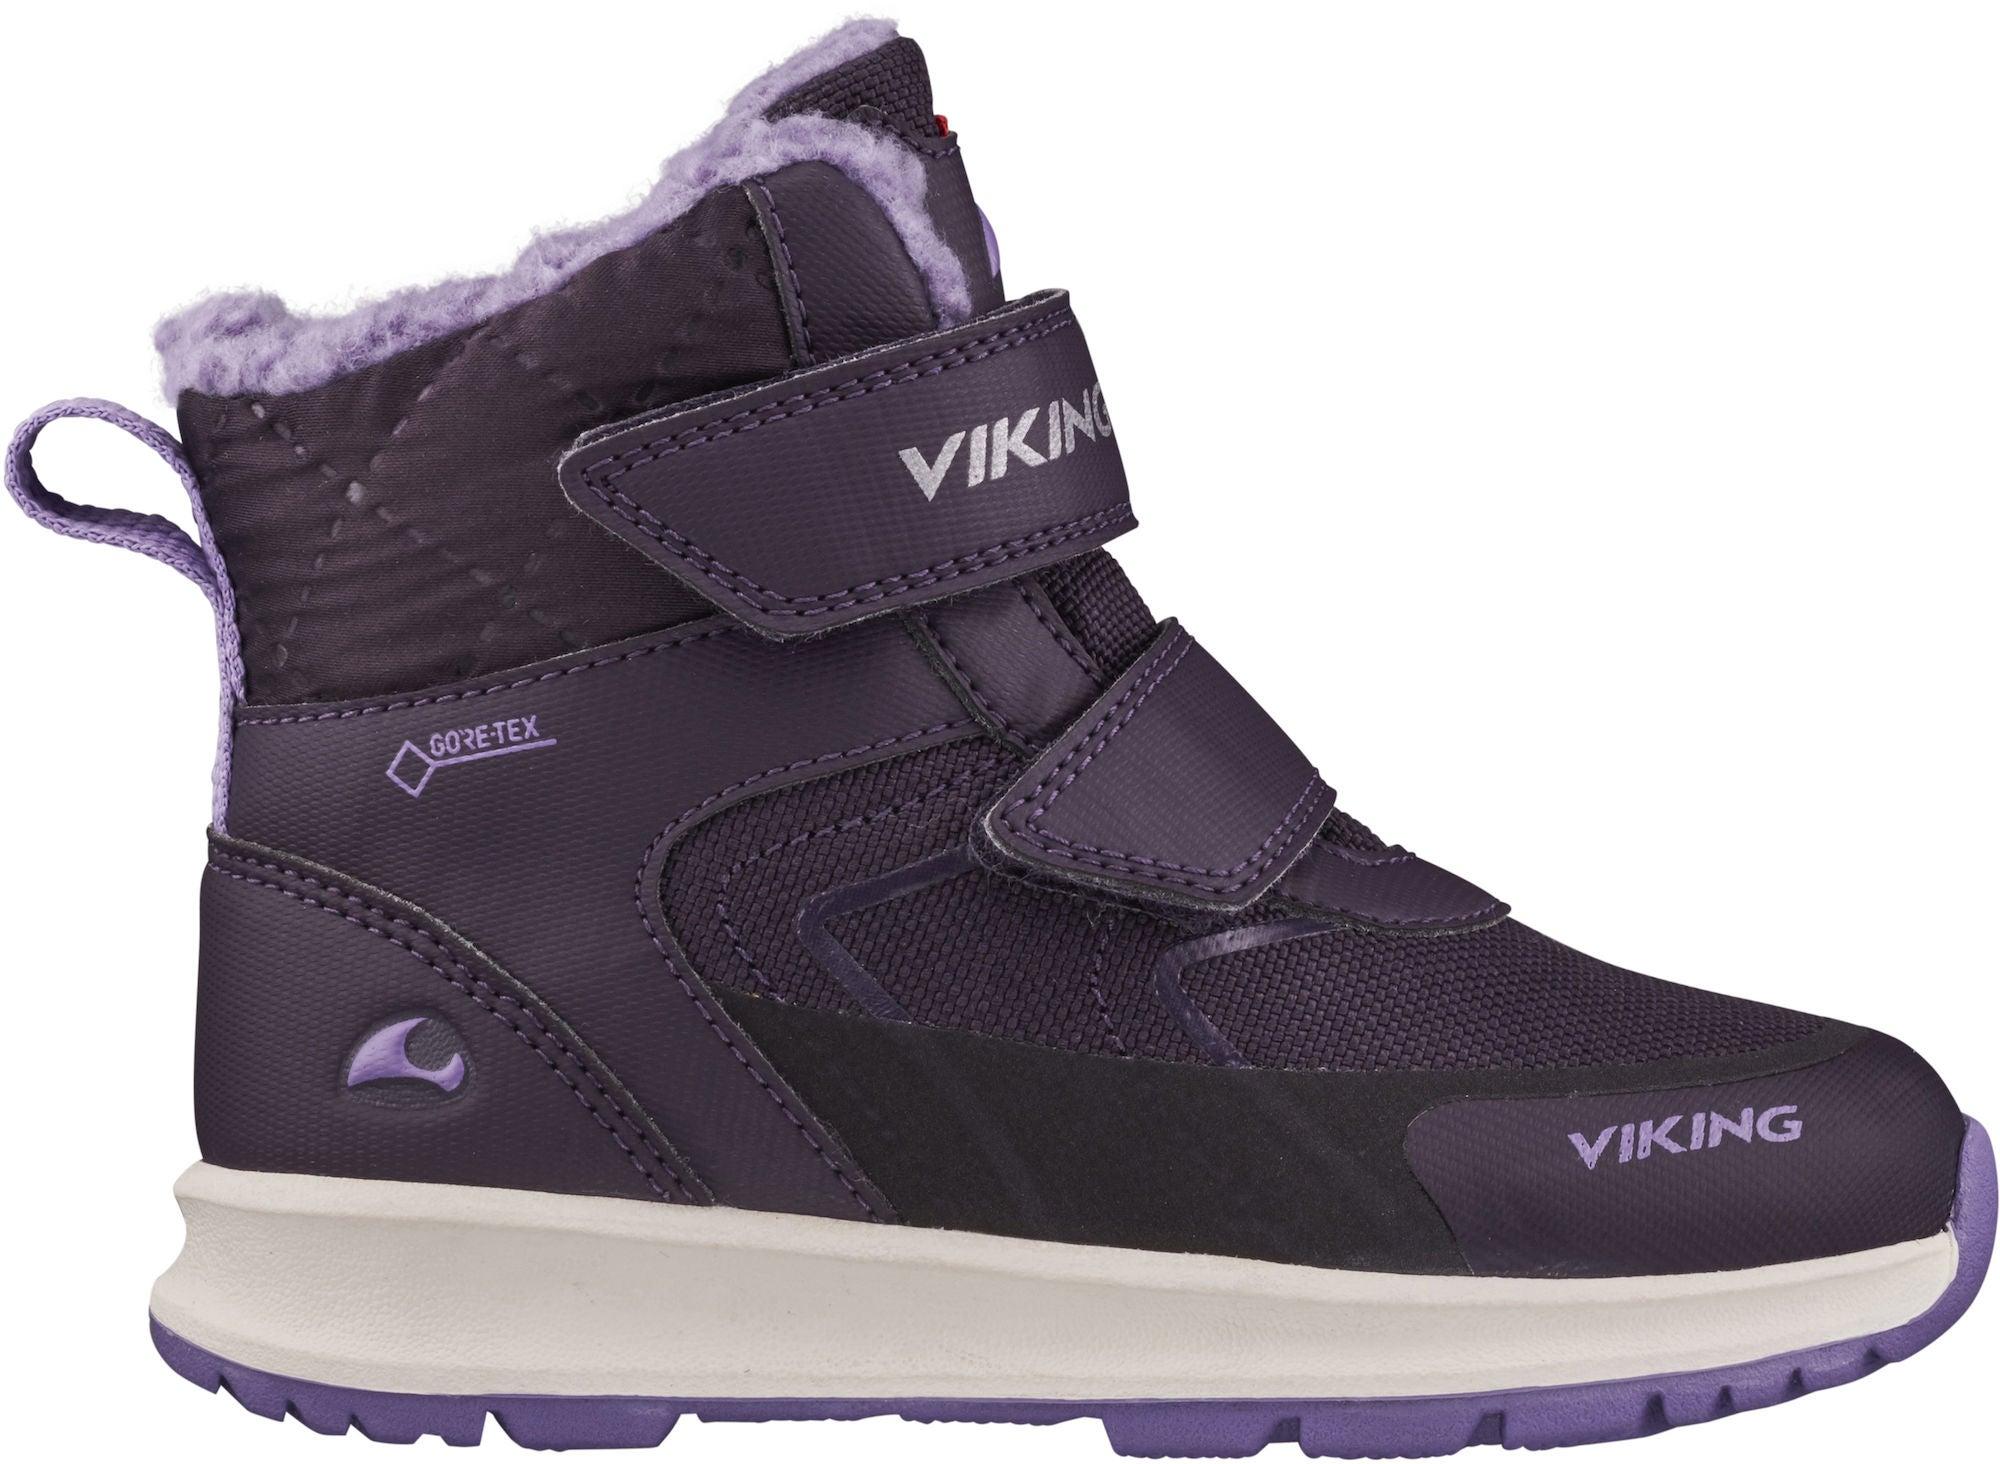 Viking Ella GTX Vinterkänga, Aubergine/Purple, 22